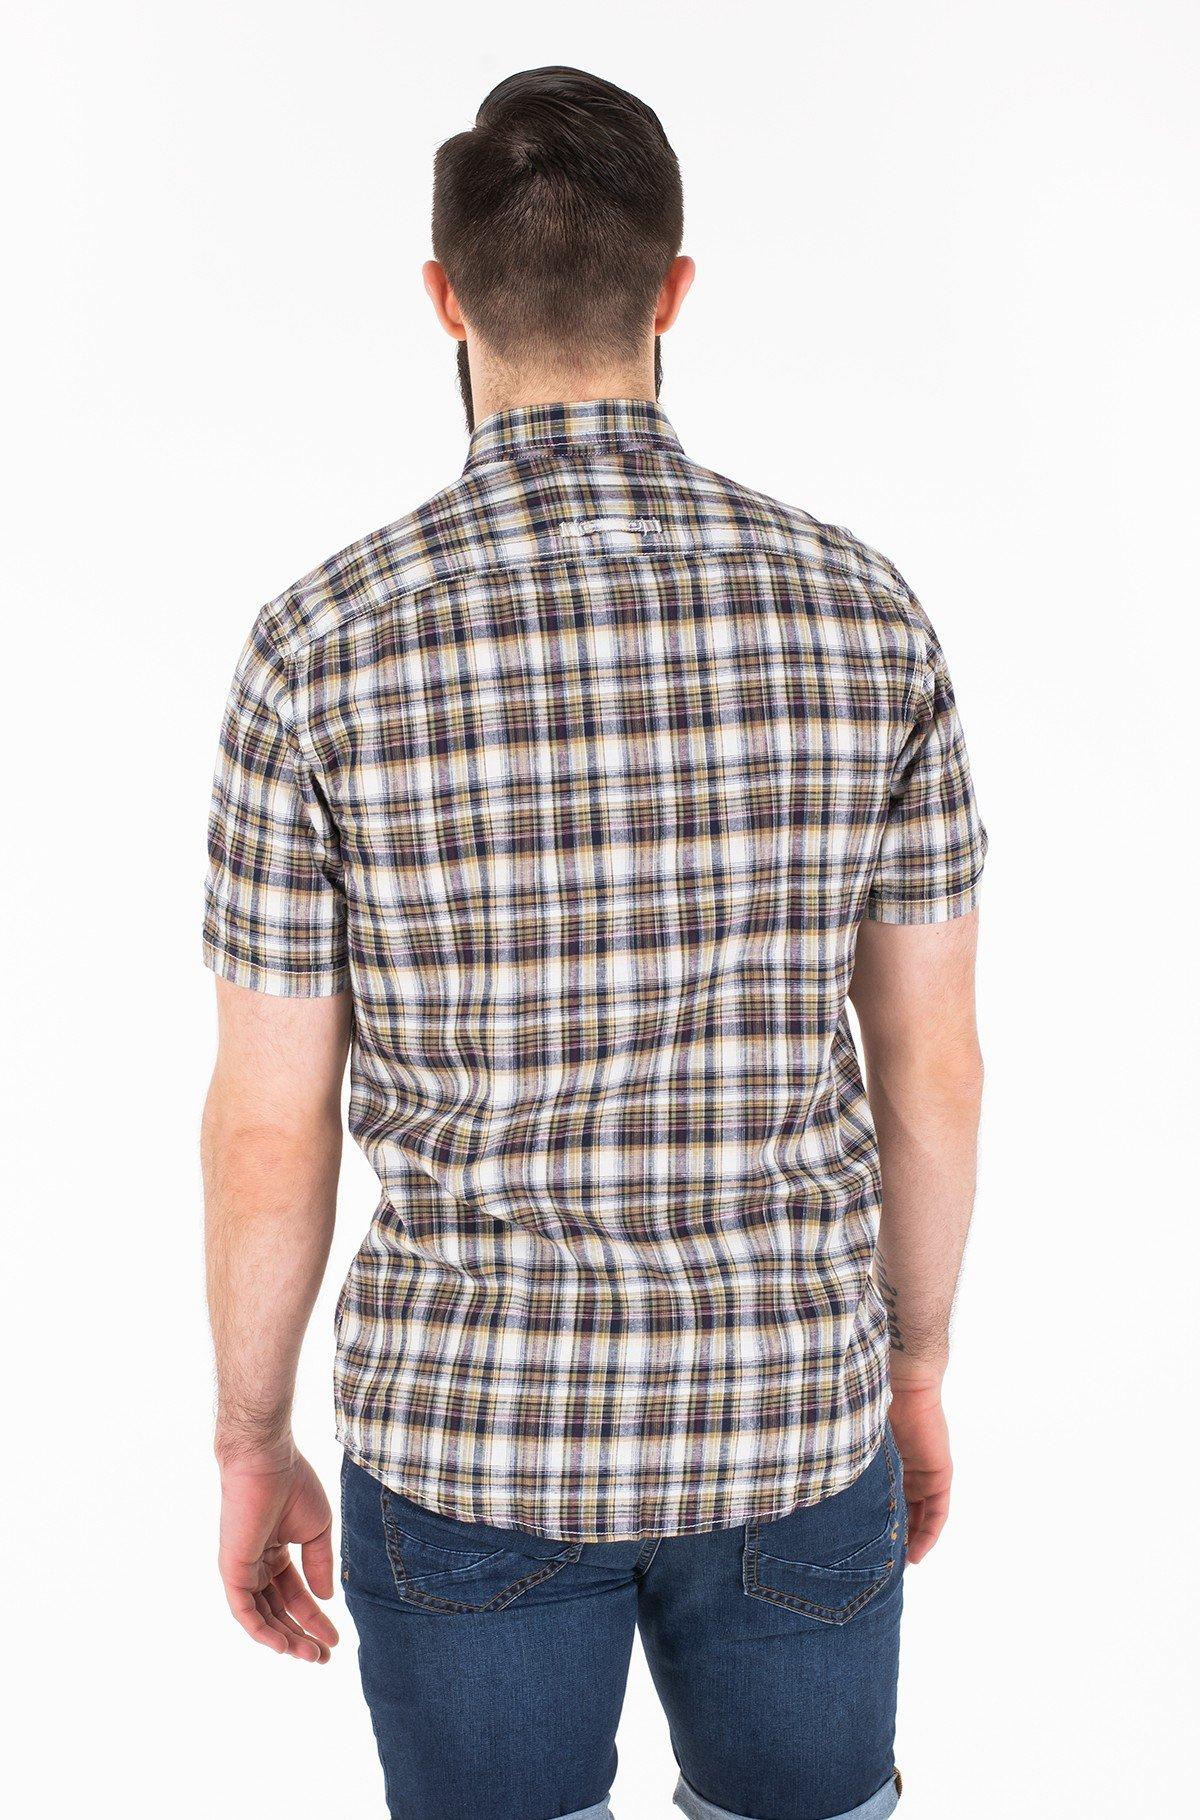 Marškiniai su trumpomis rankovėmis 31.115475-full-2